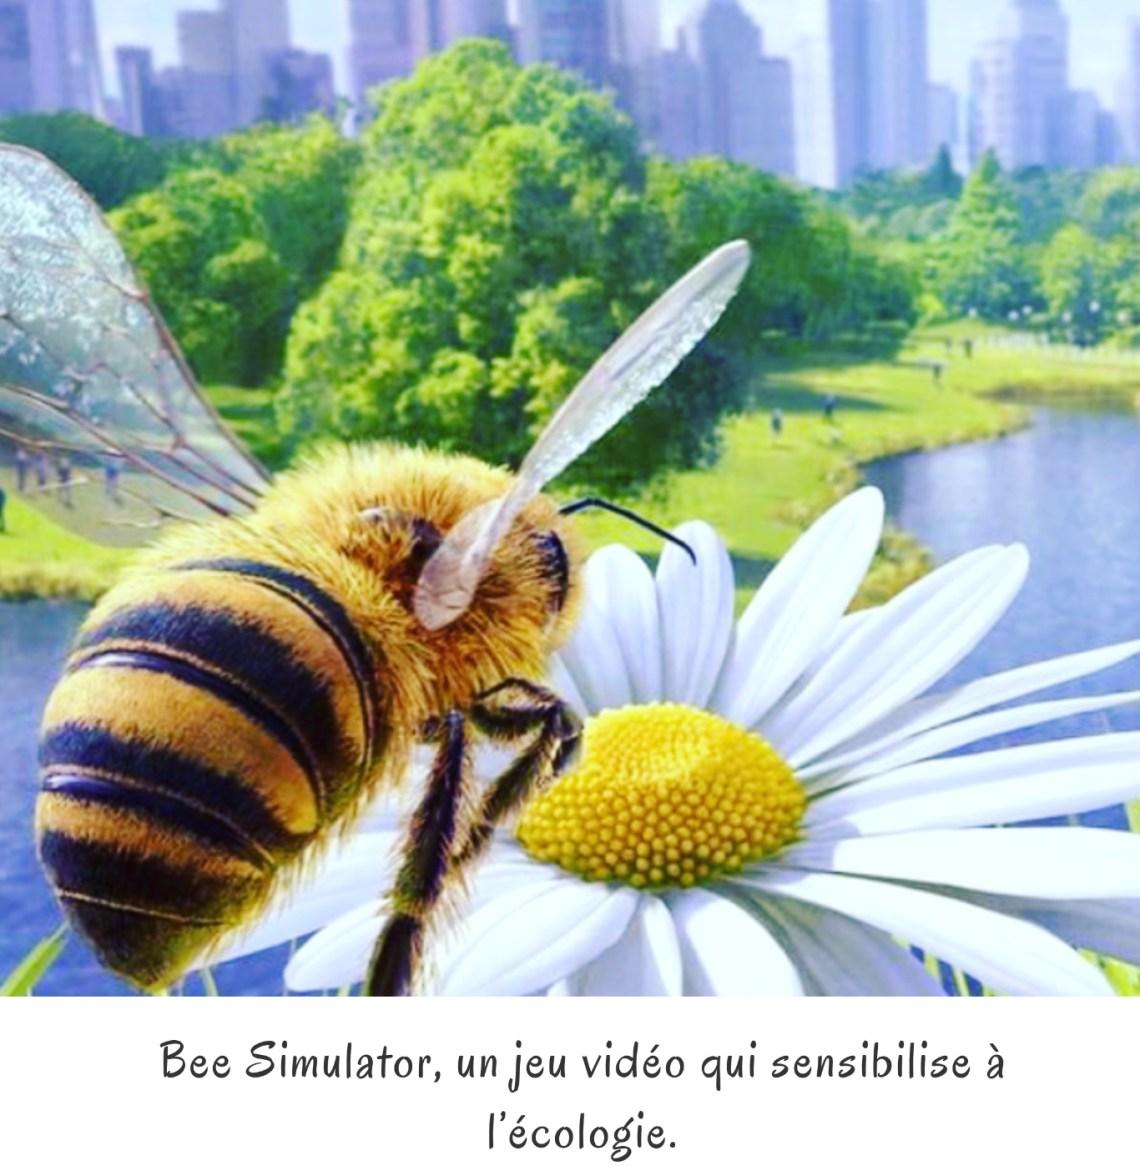 Bee Simulator, un jeu vidéo qui sensibilise à l'écologie.